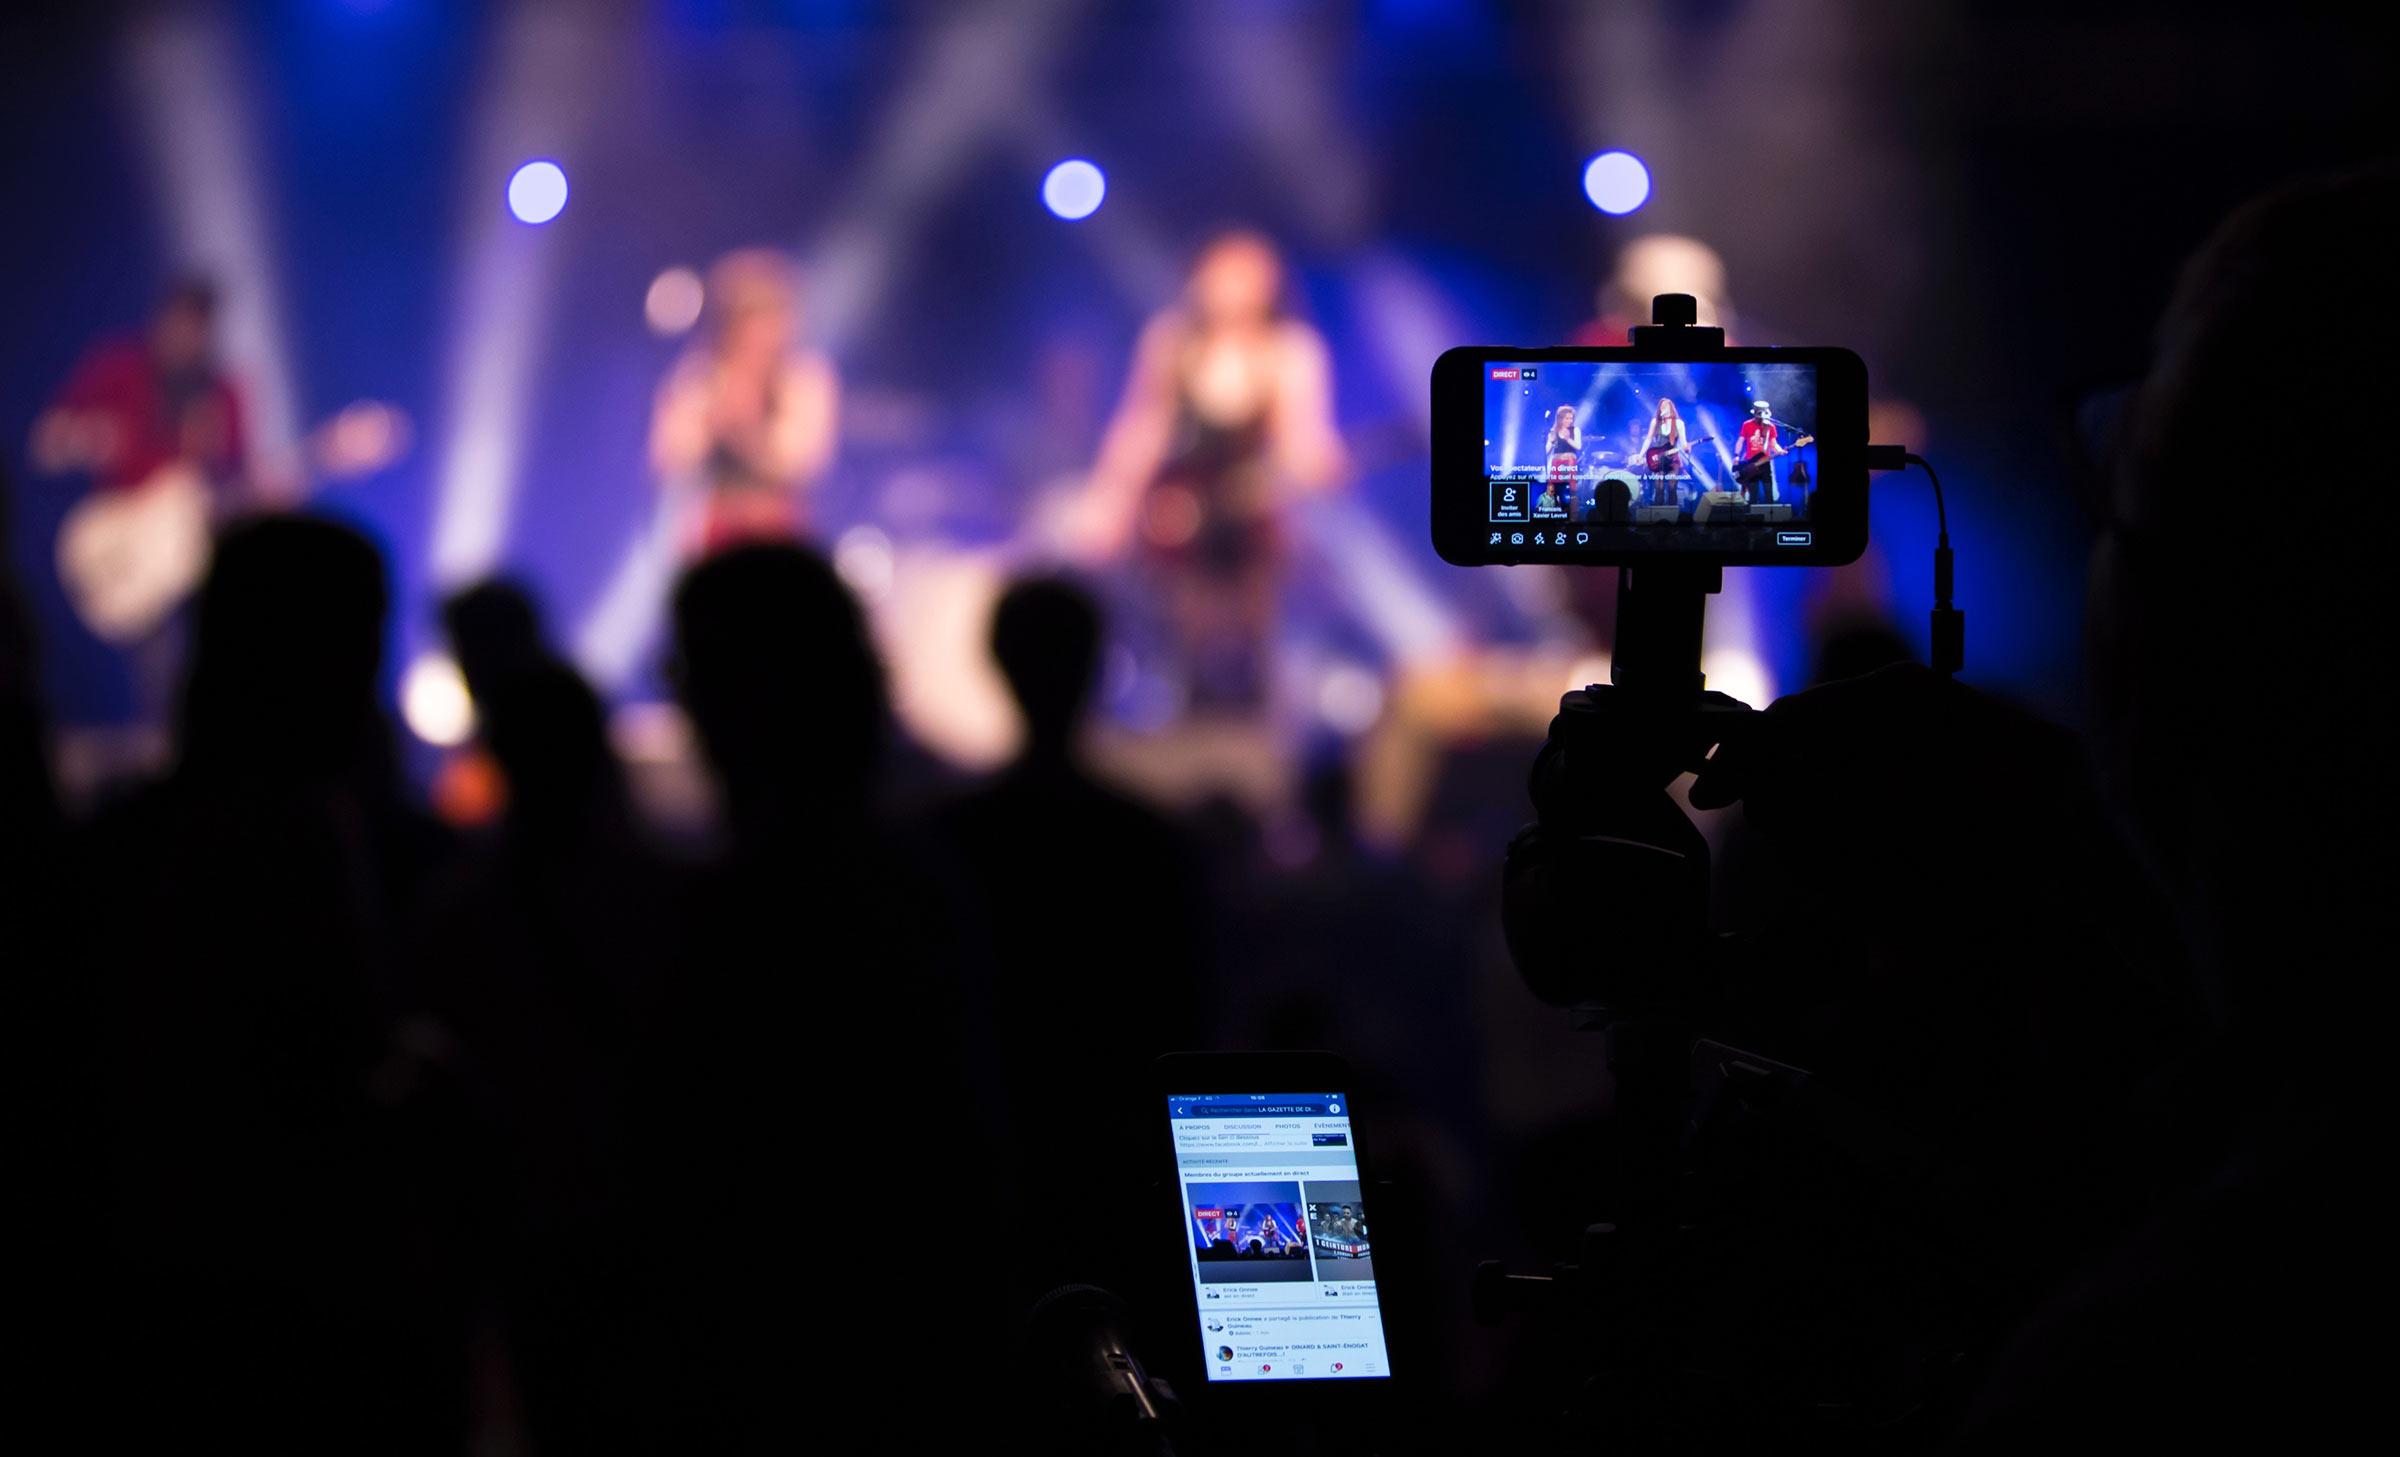 Tại sao livestream đang trở thành một xu thế trên mạng xã hội?